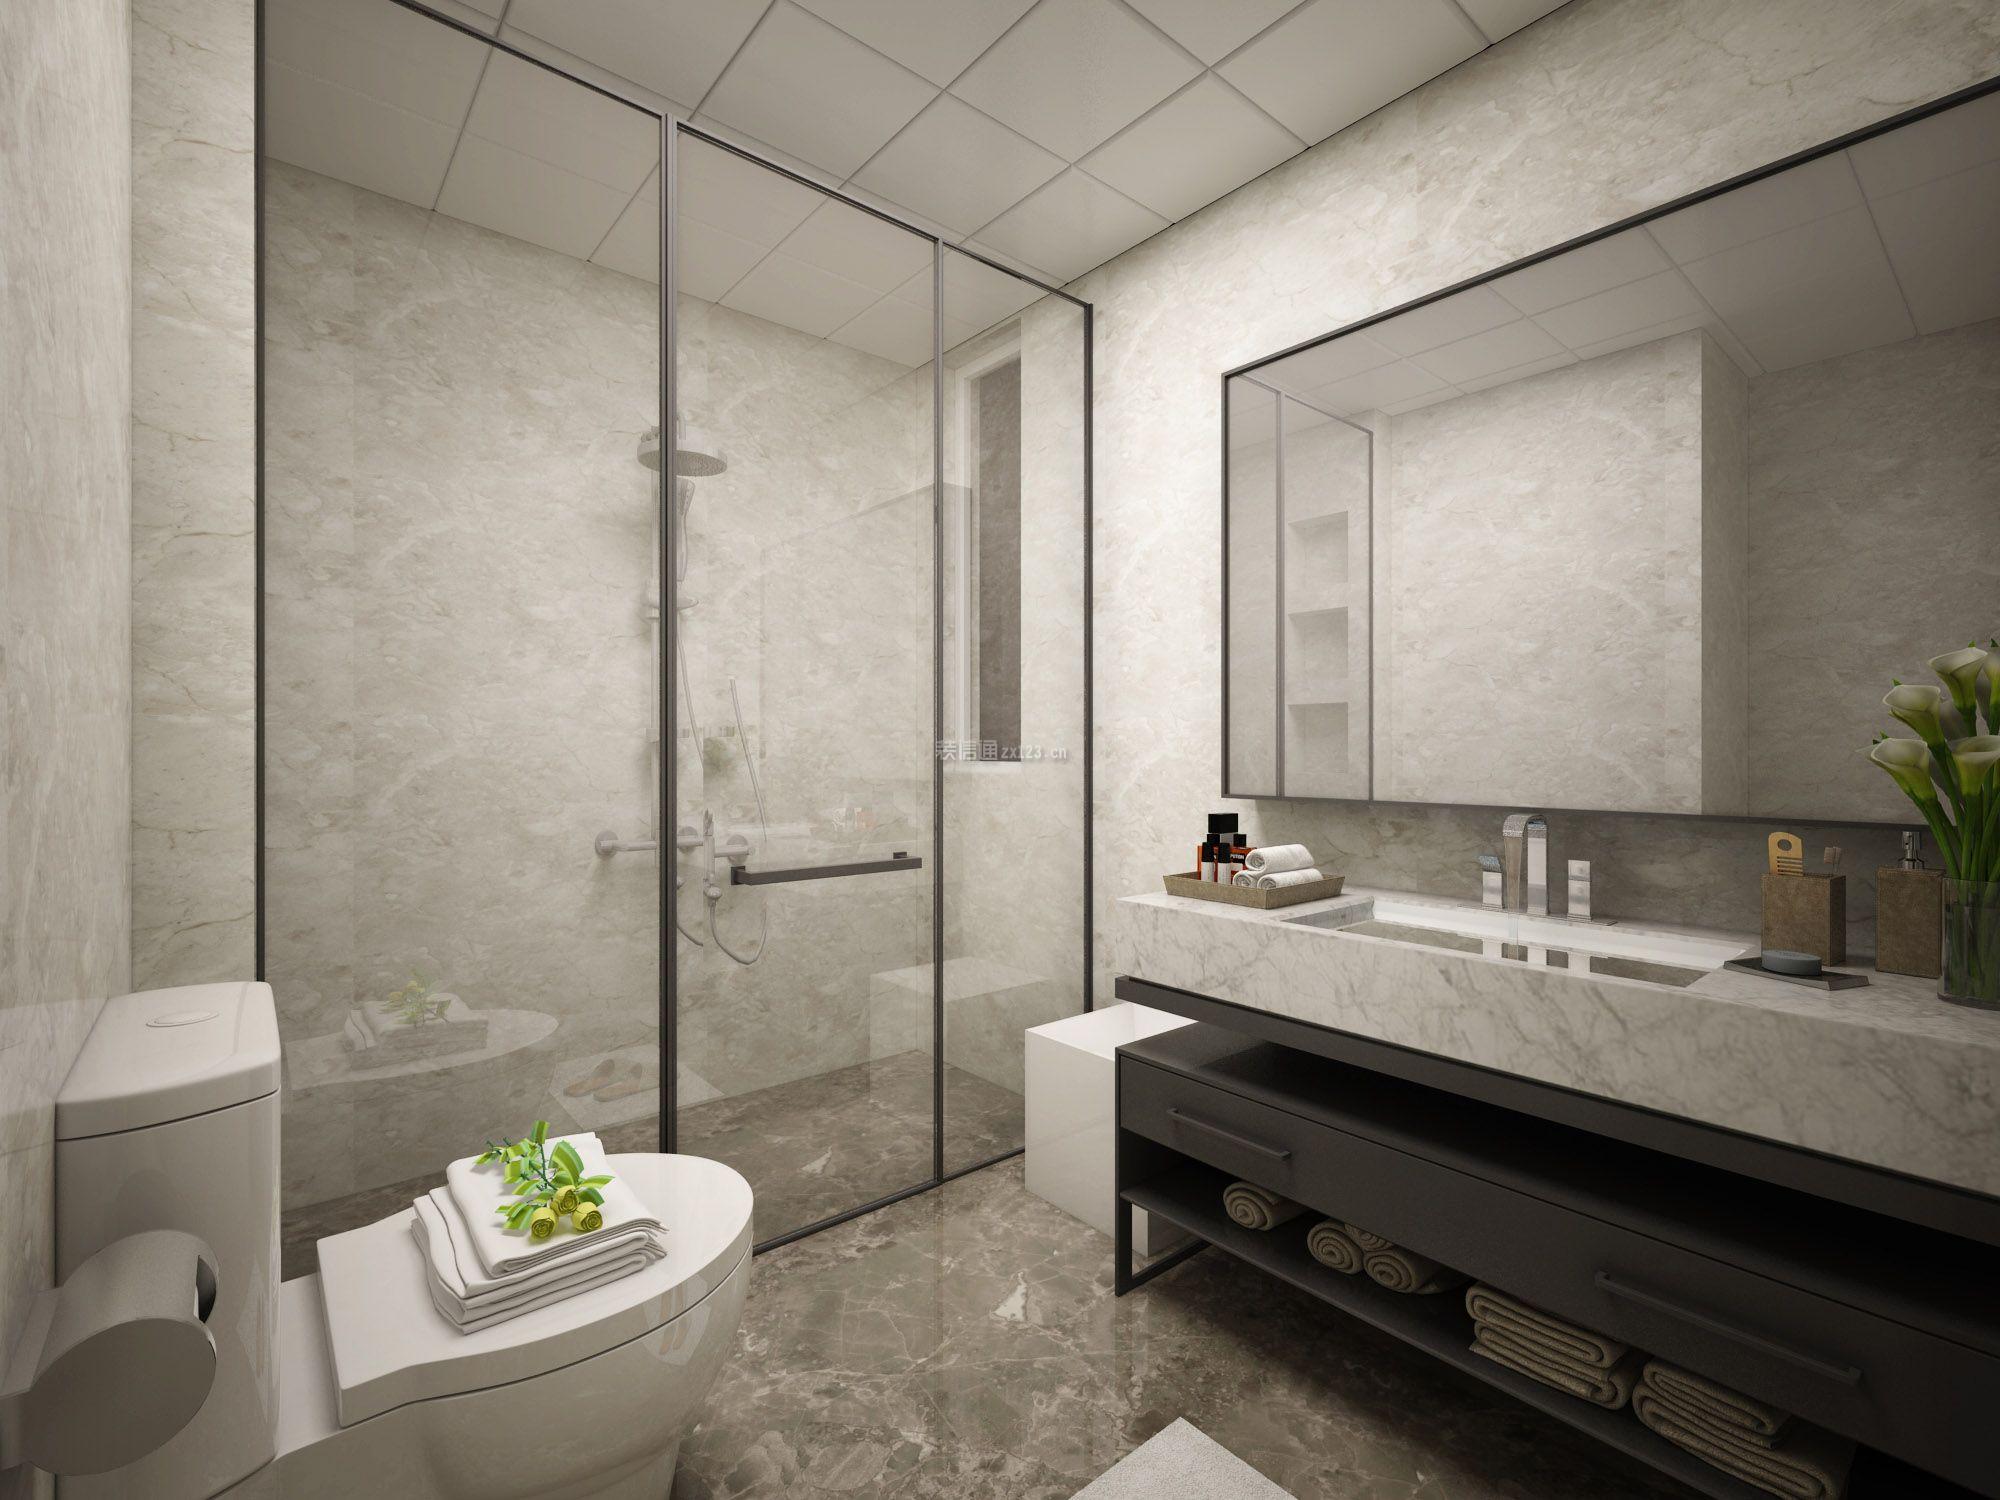 简约北欧风格家庭卫生间装修设计效果图